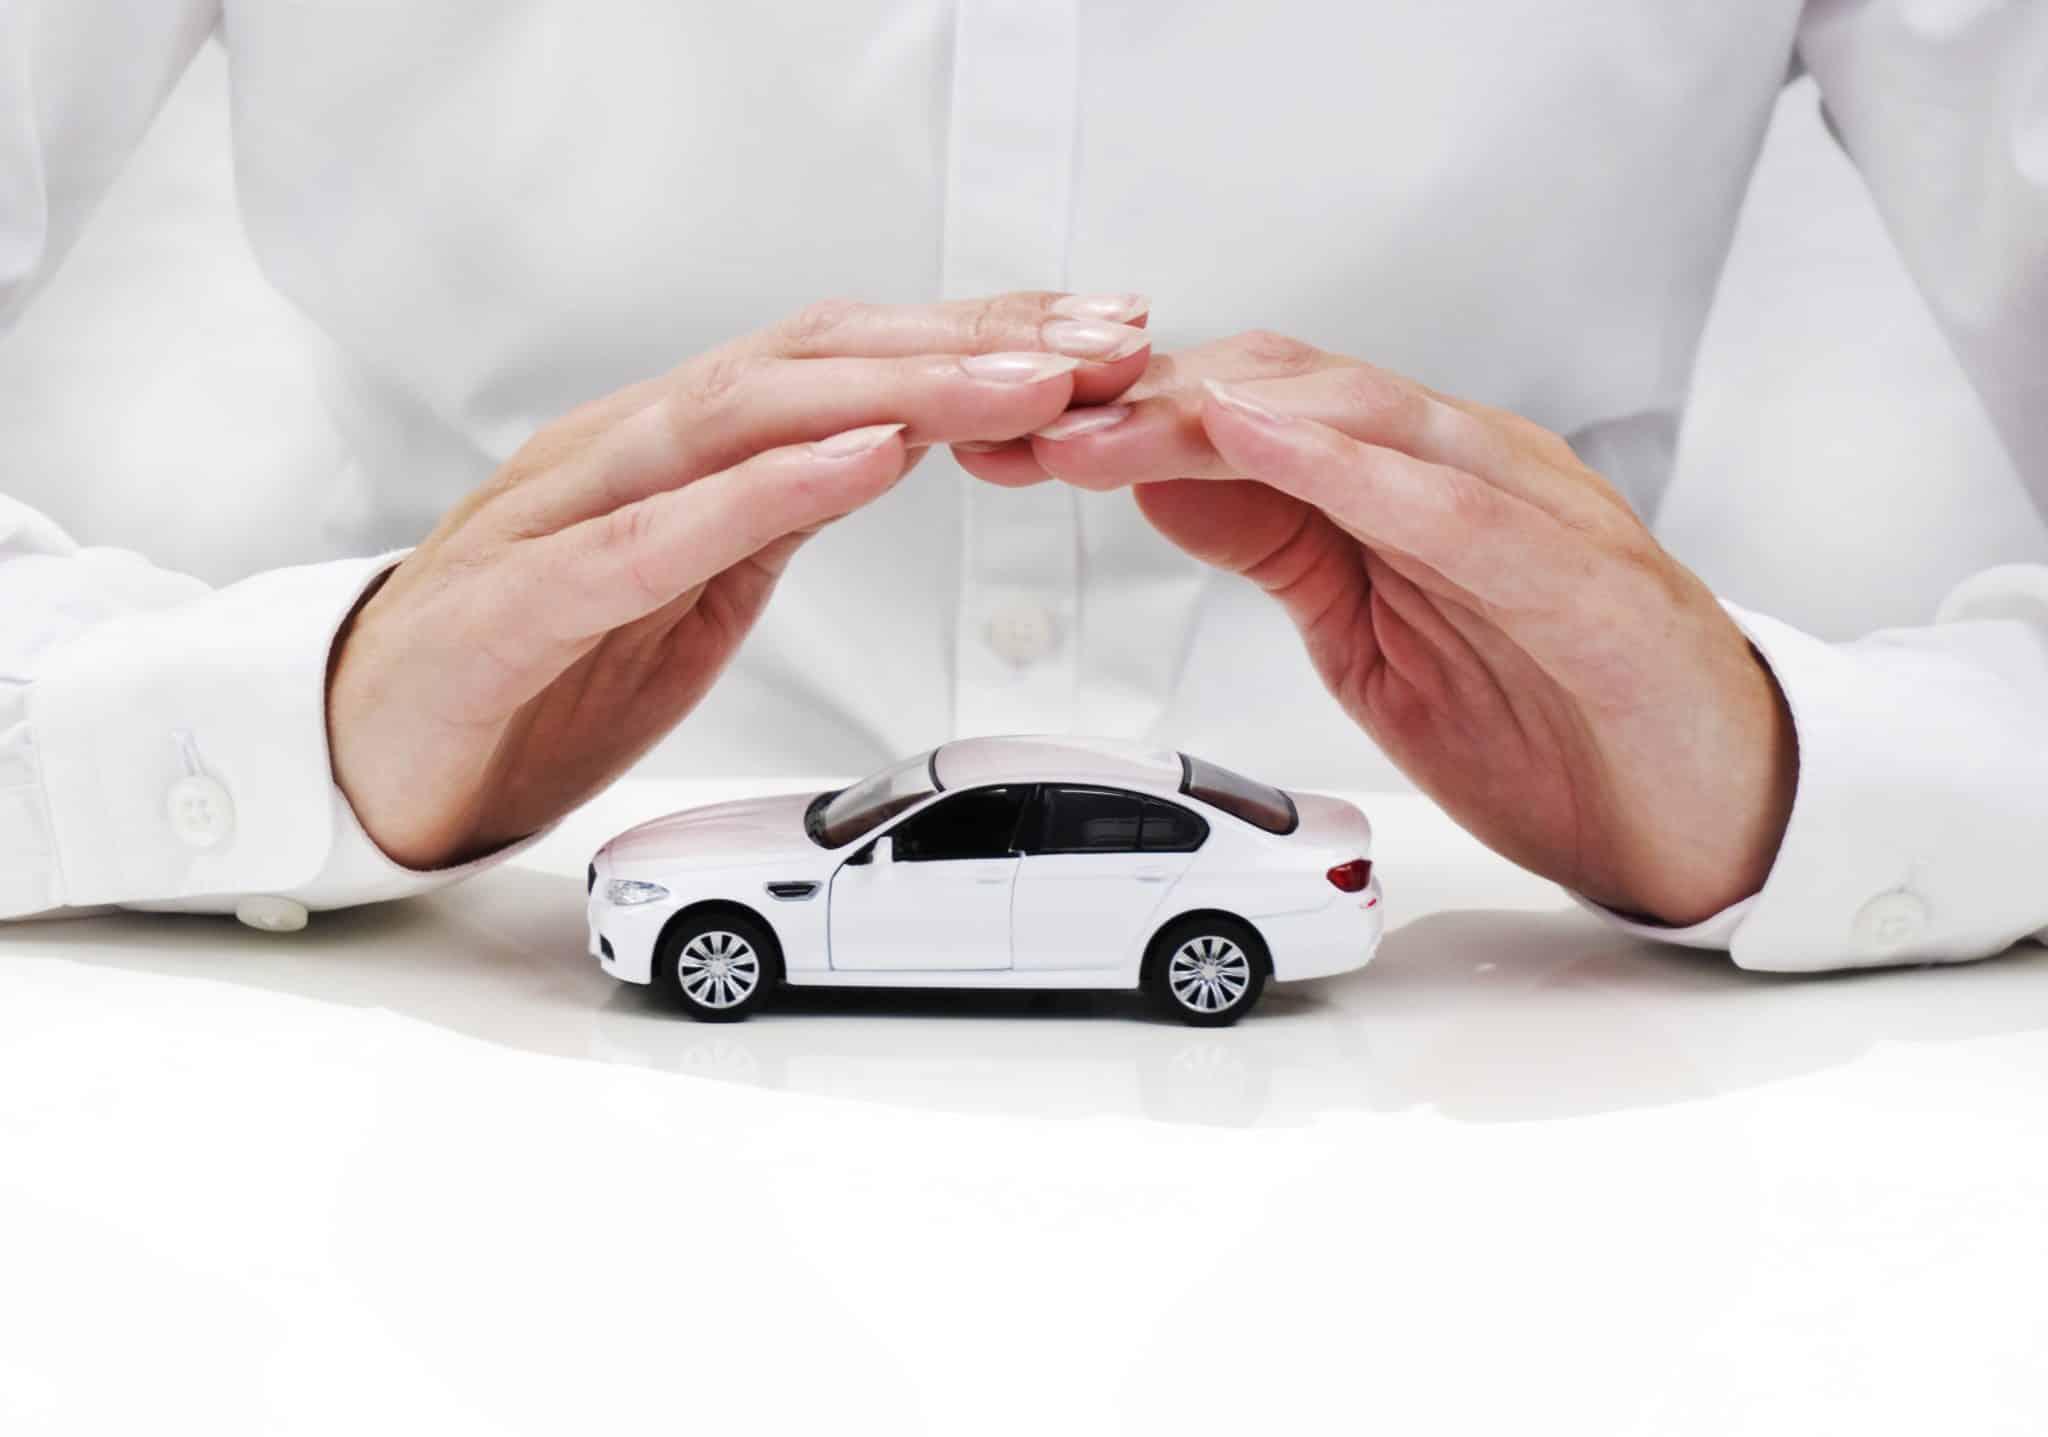 Bật mí khách hàng nên mua bảo hiểm xe ô tô ở đâu uy tín nhất